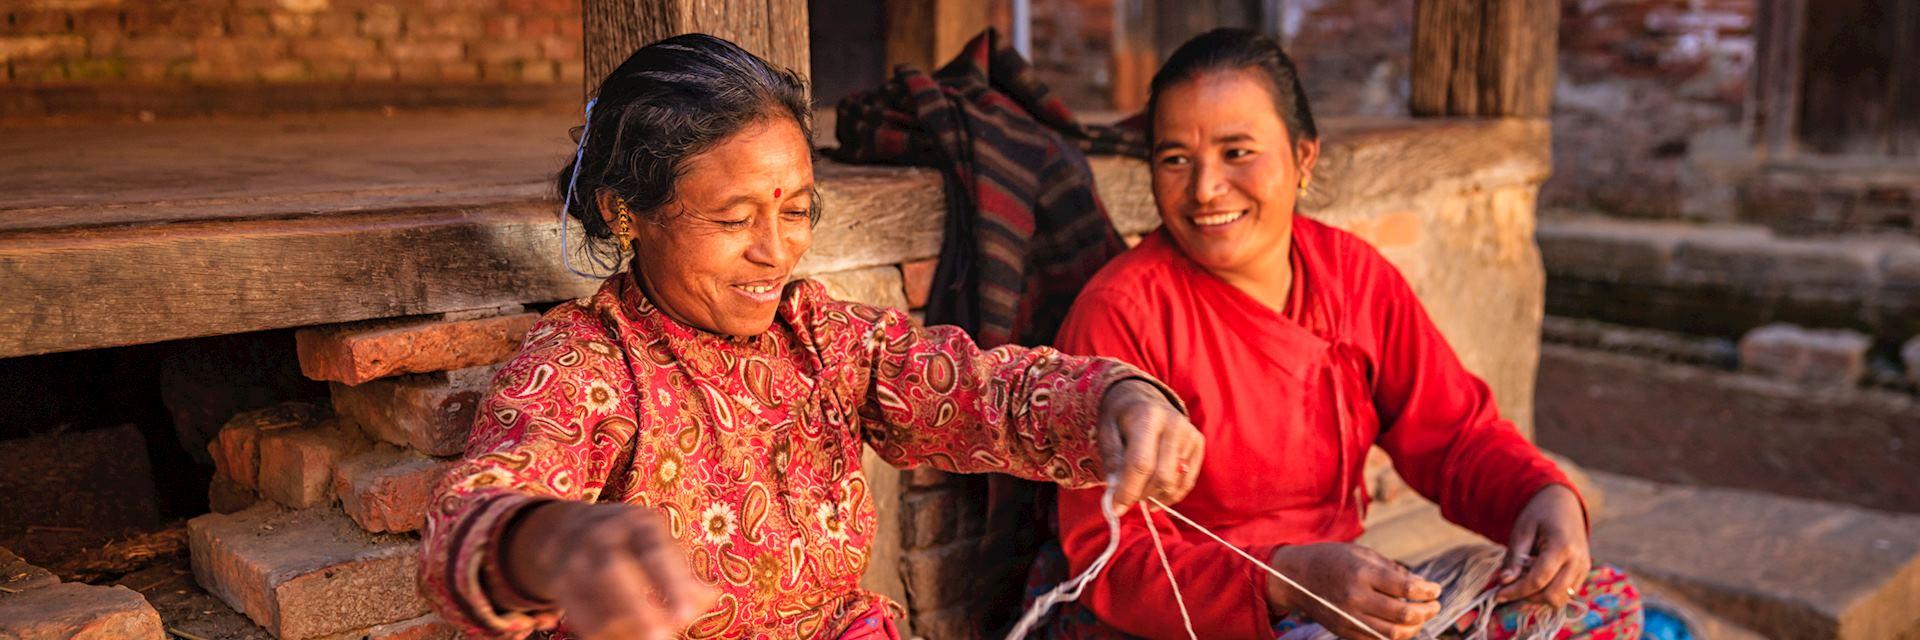 Nepalese women spinning wool, Bhaktapur